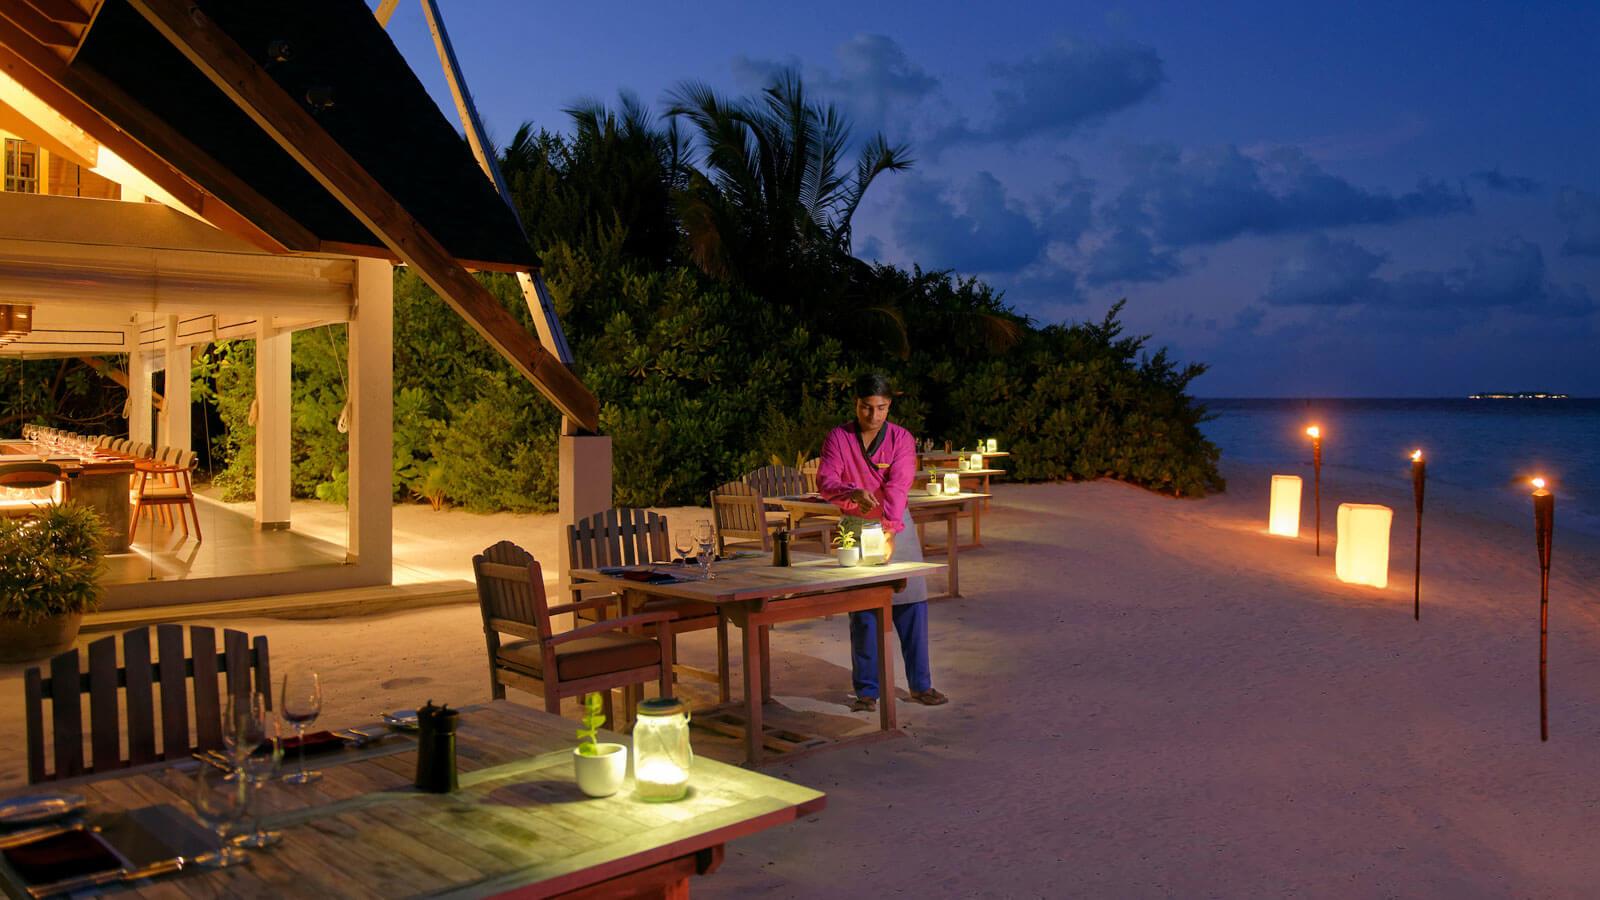 Мальдивы, отель Amari Havodda Maldives, ресторан Ember Grill